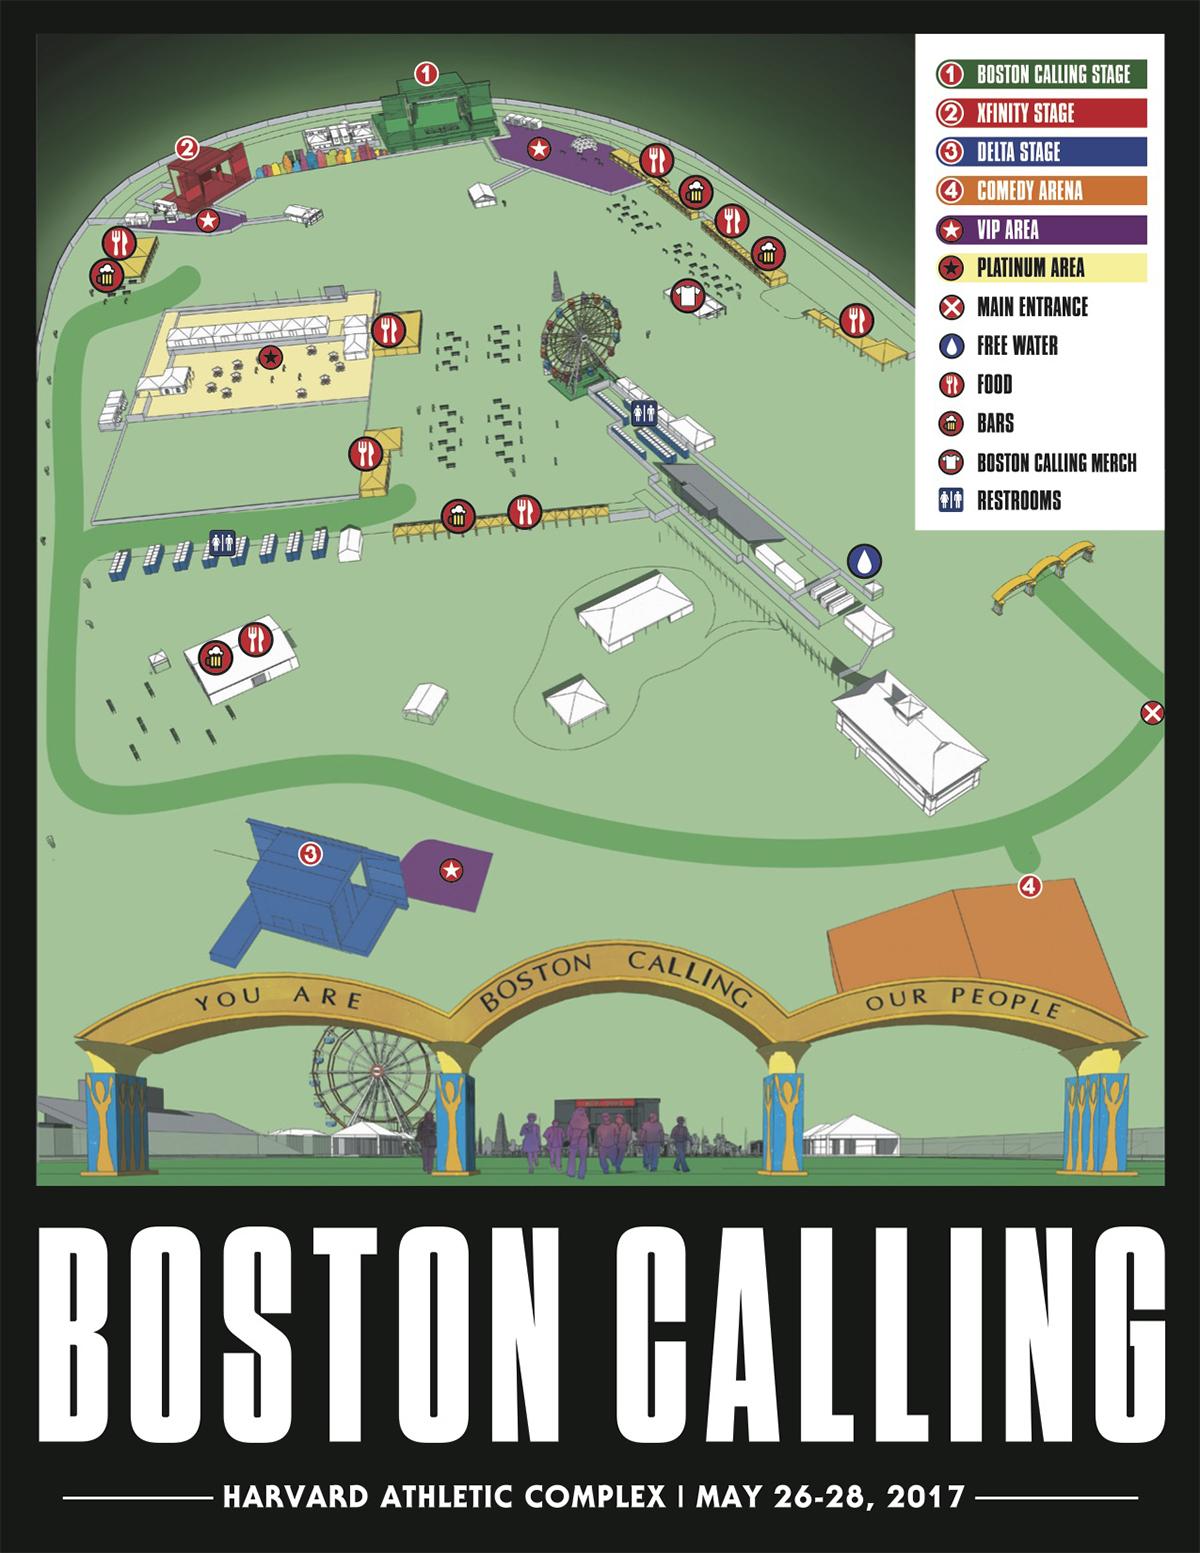 Boston Calling 2017 layout